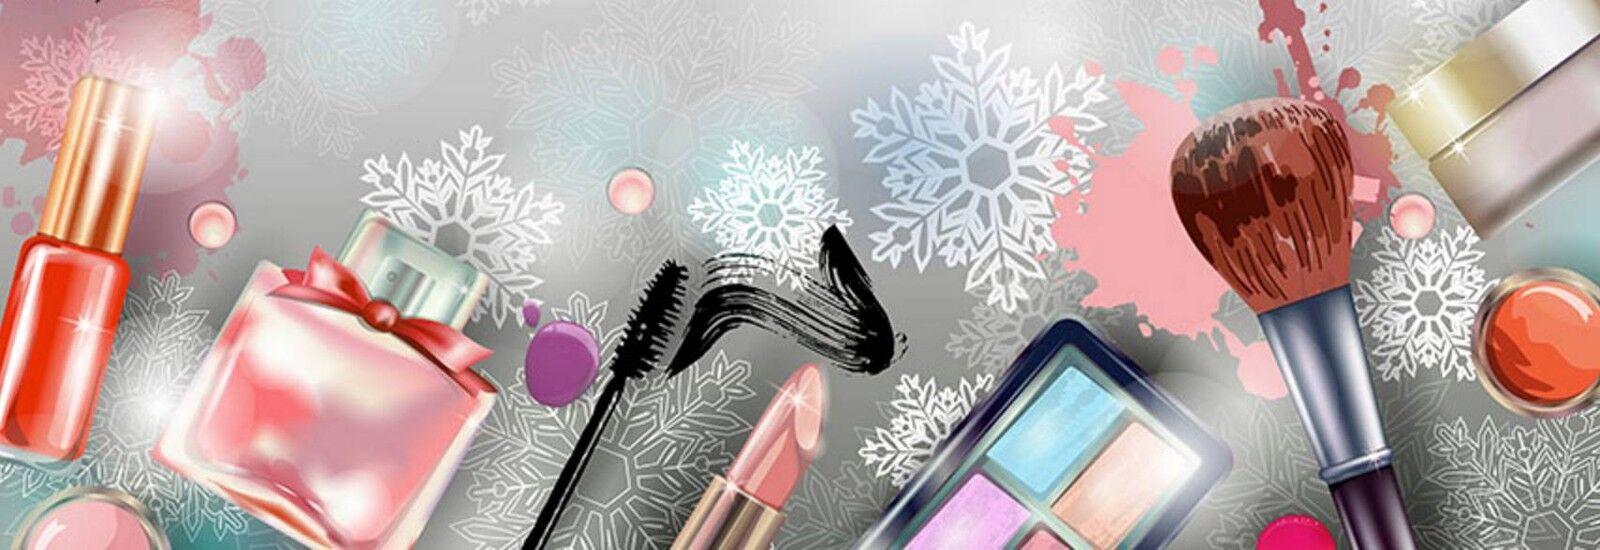 HMJ Beauty Store